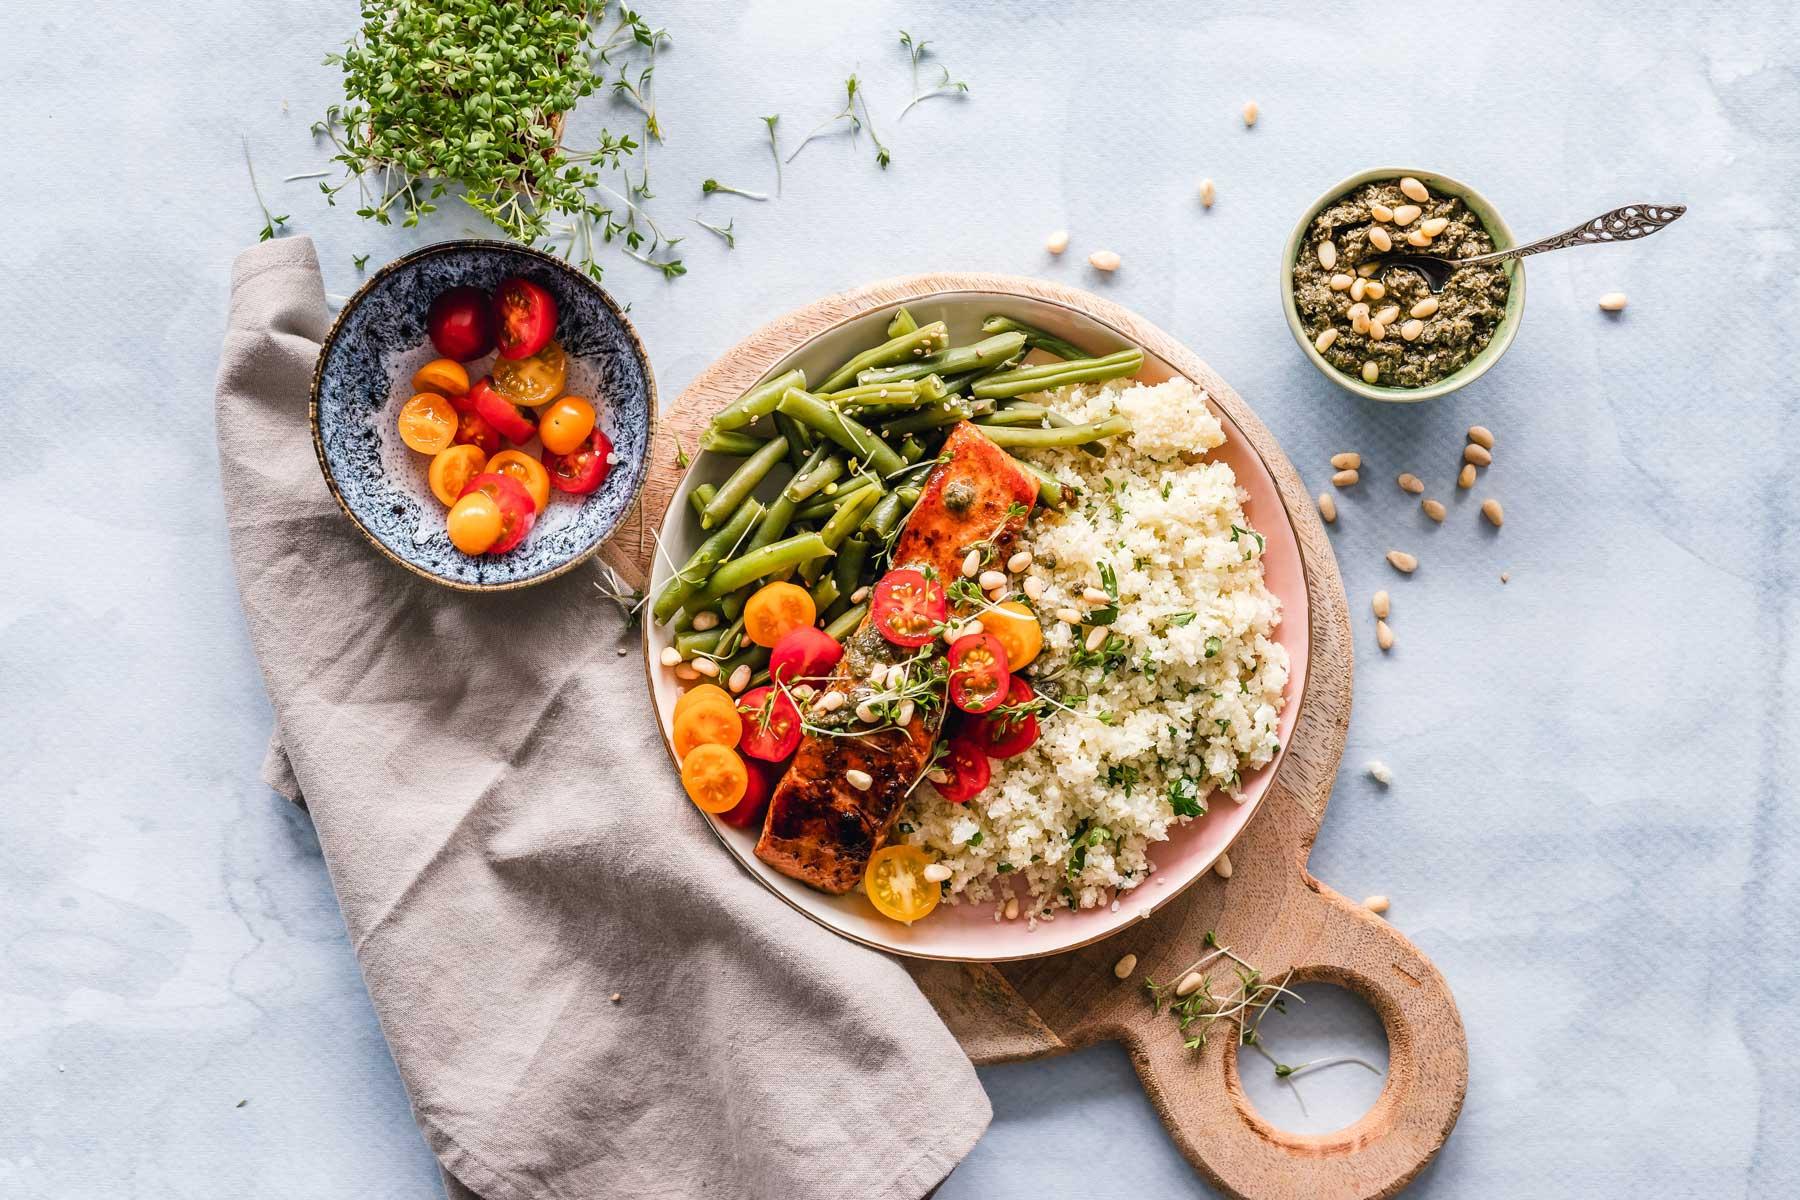 Duurzaam en gezond eten - Zlim